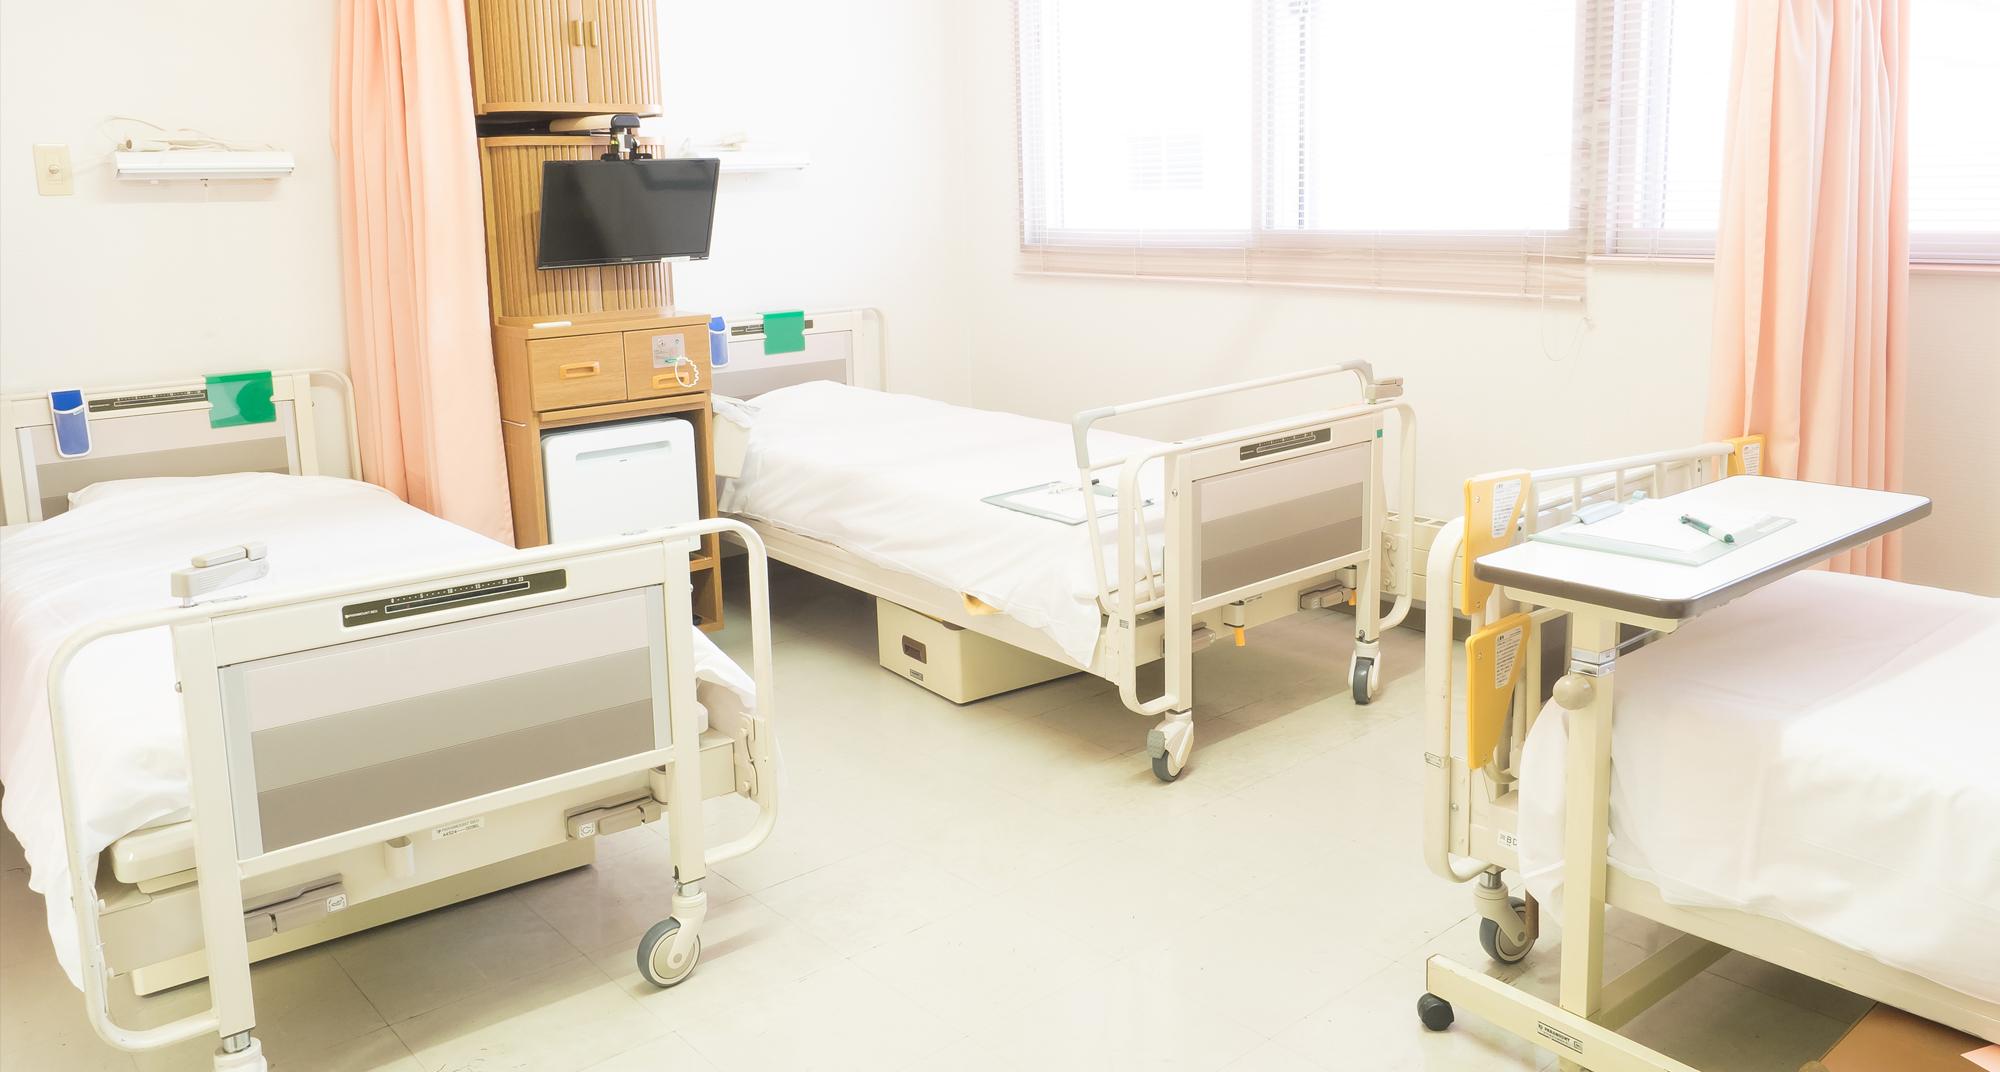 はらだ病院 一般病棟に入院される方